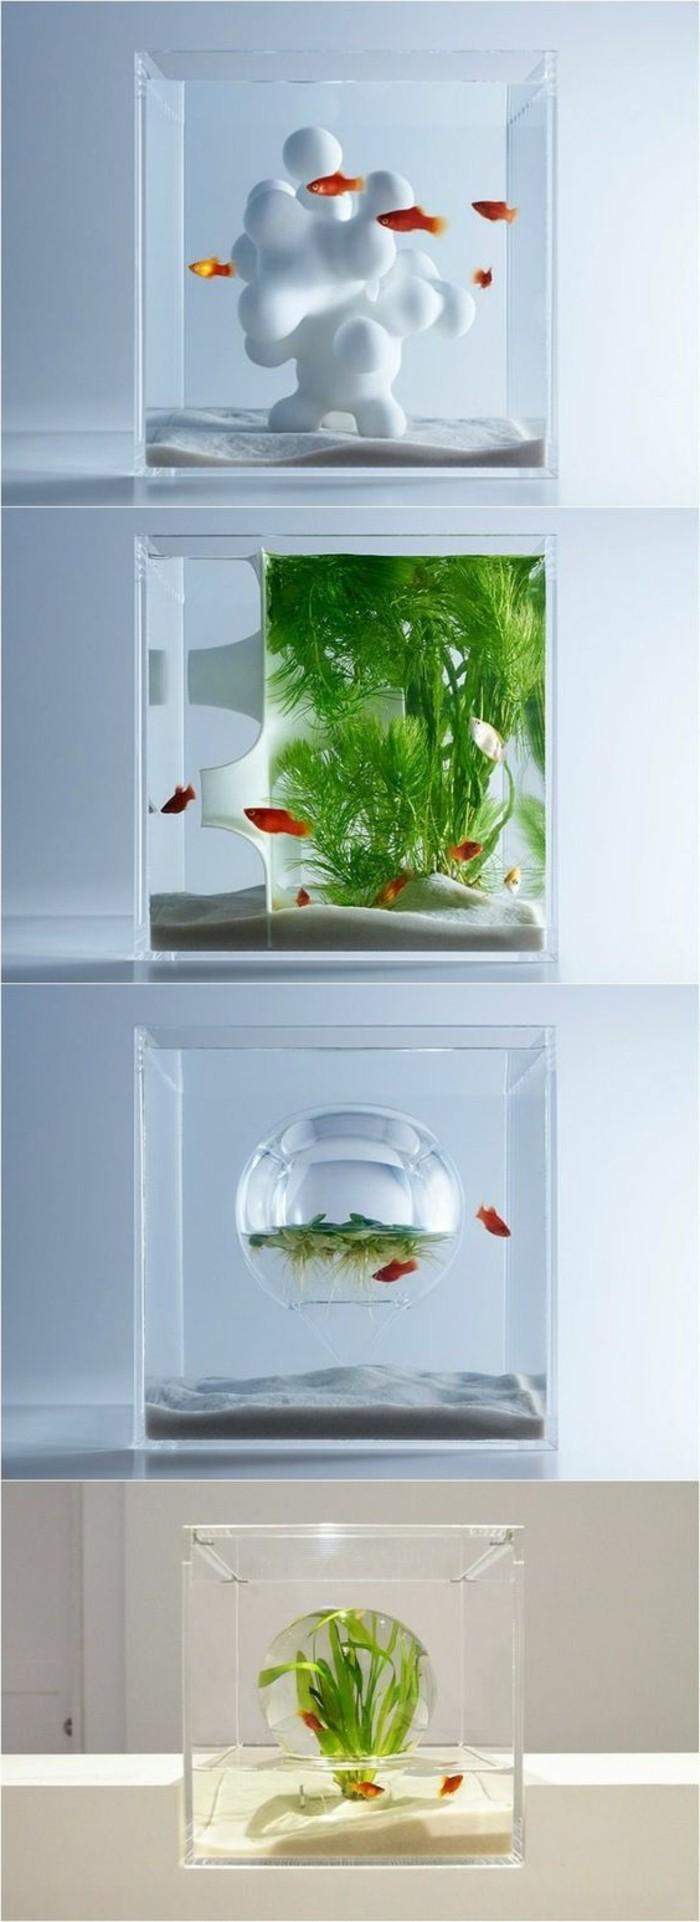 Aquarium einrichtung sorgt f r das wohlf hlen der for Einrichtung deko